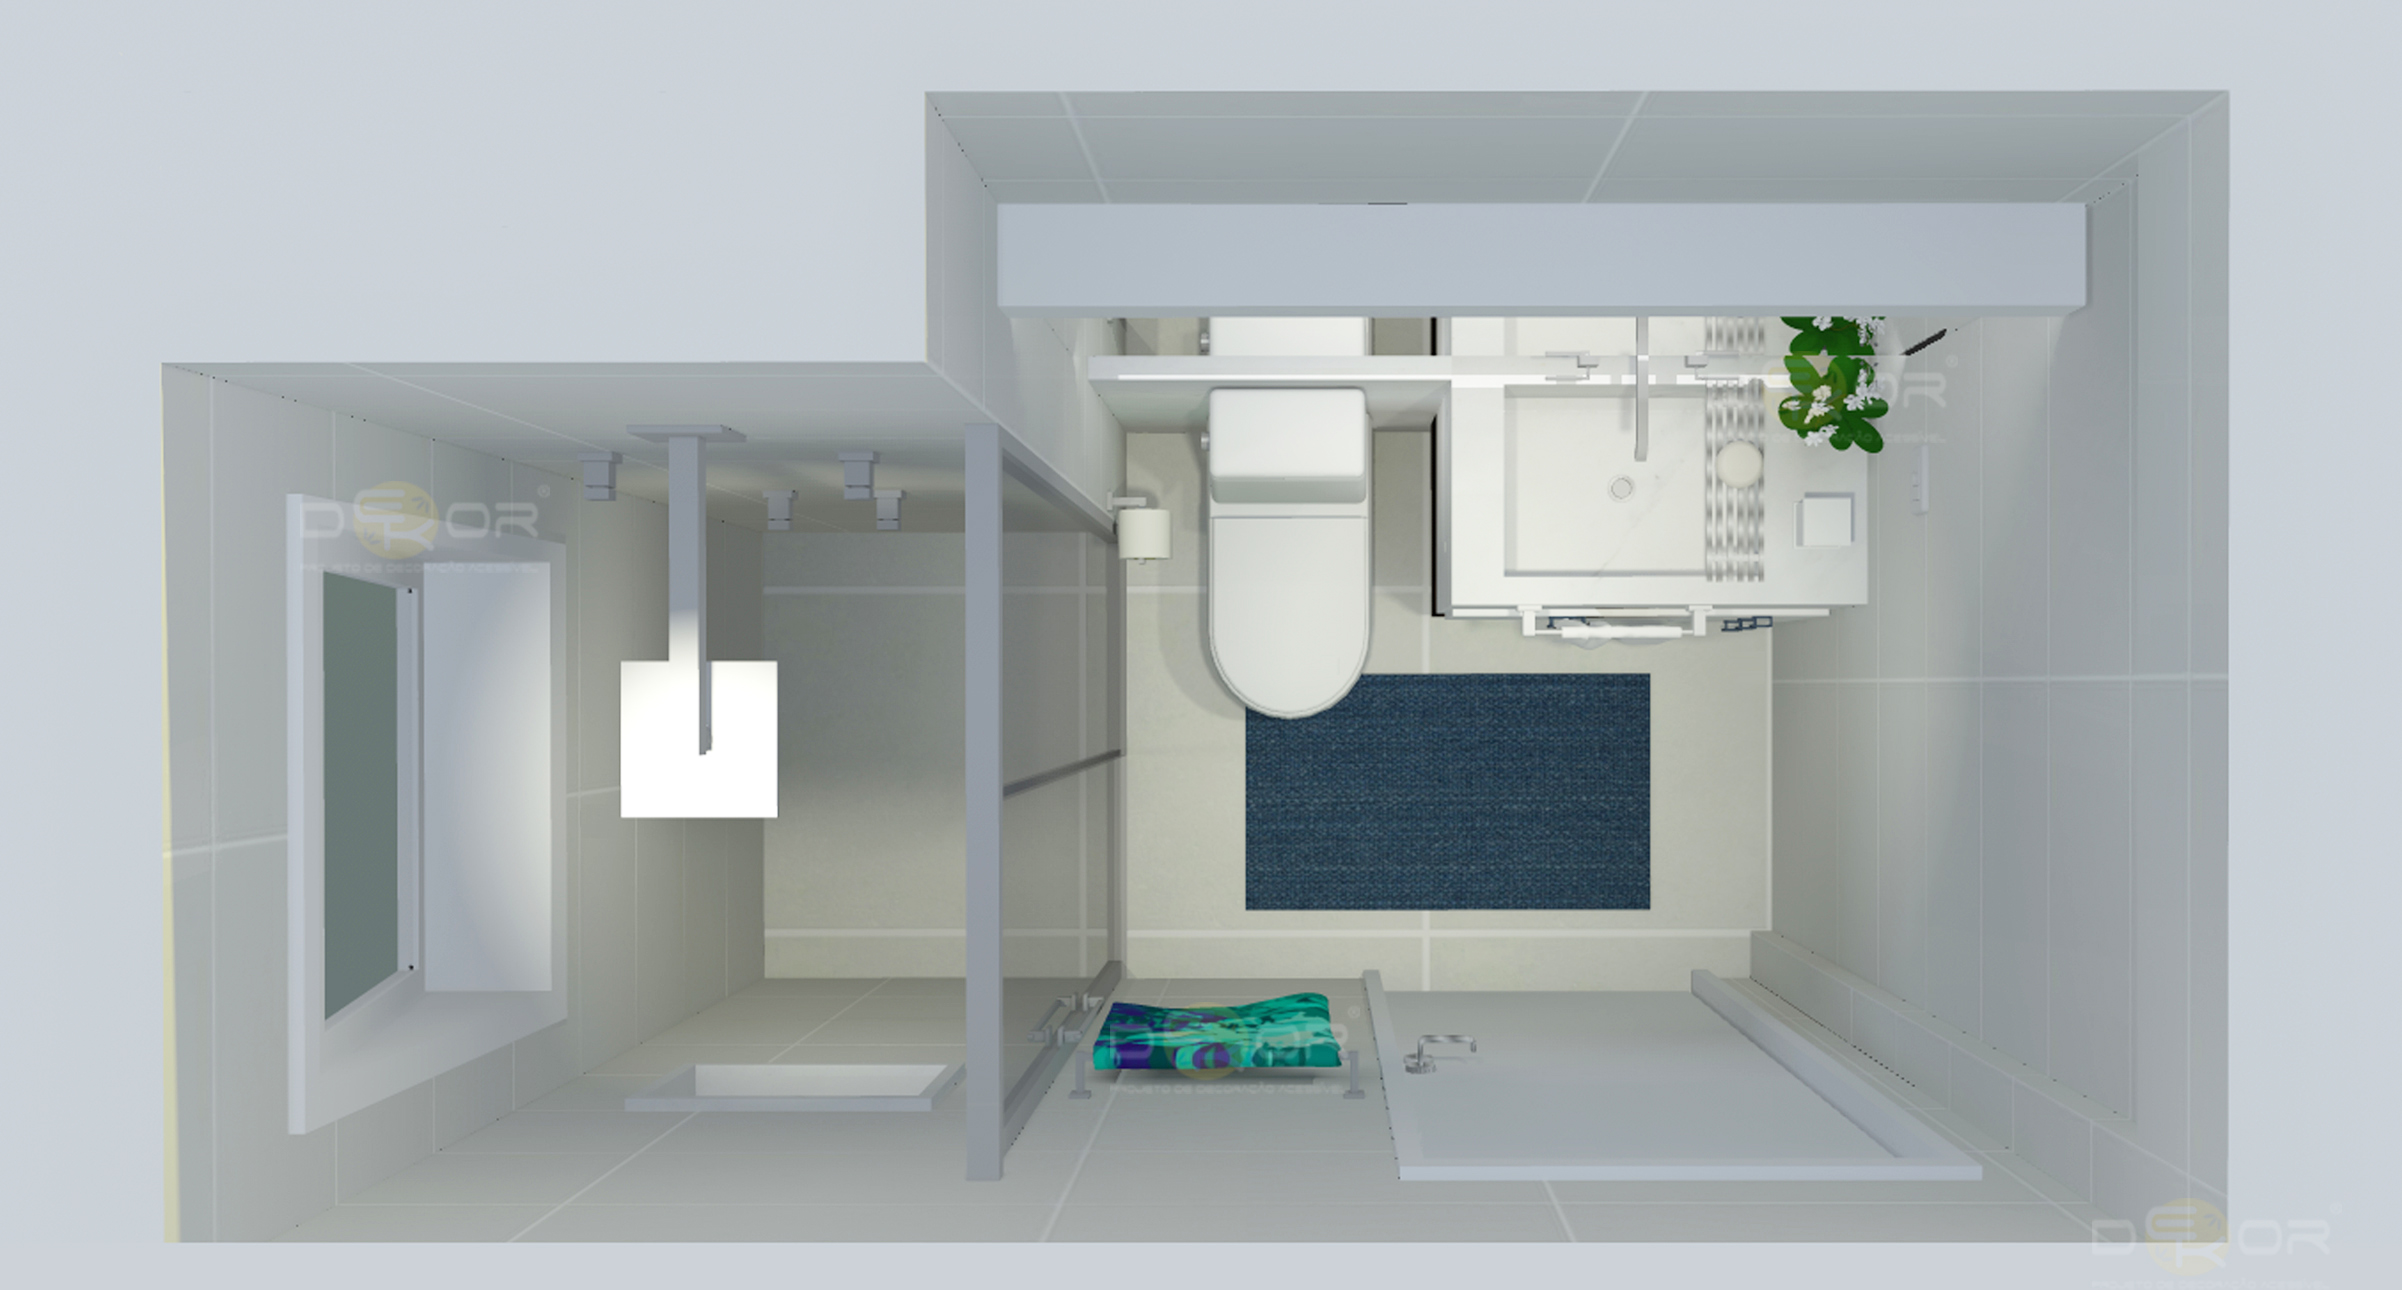 #2B7C71 06/03/2014 2402 × 1290 Projeto de Banheiro – Decoração Online #14 2402x1290 px projeto de quarto com banheiro e varanda